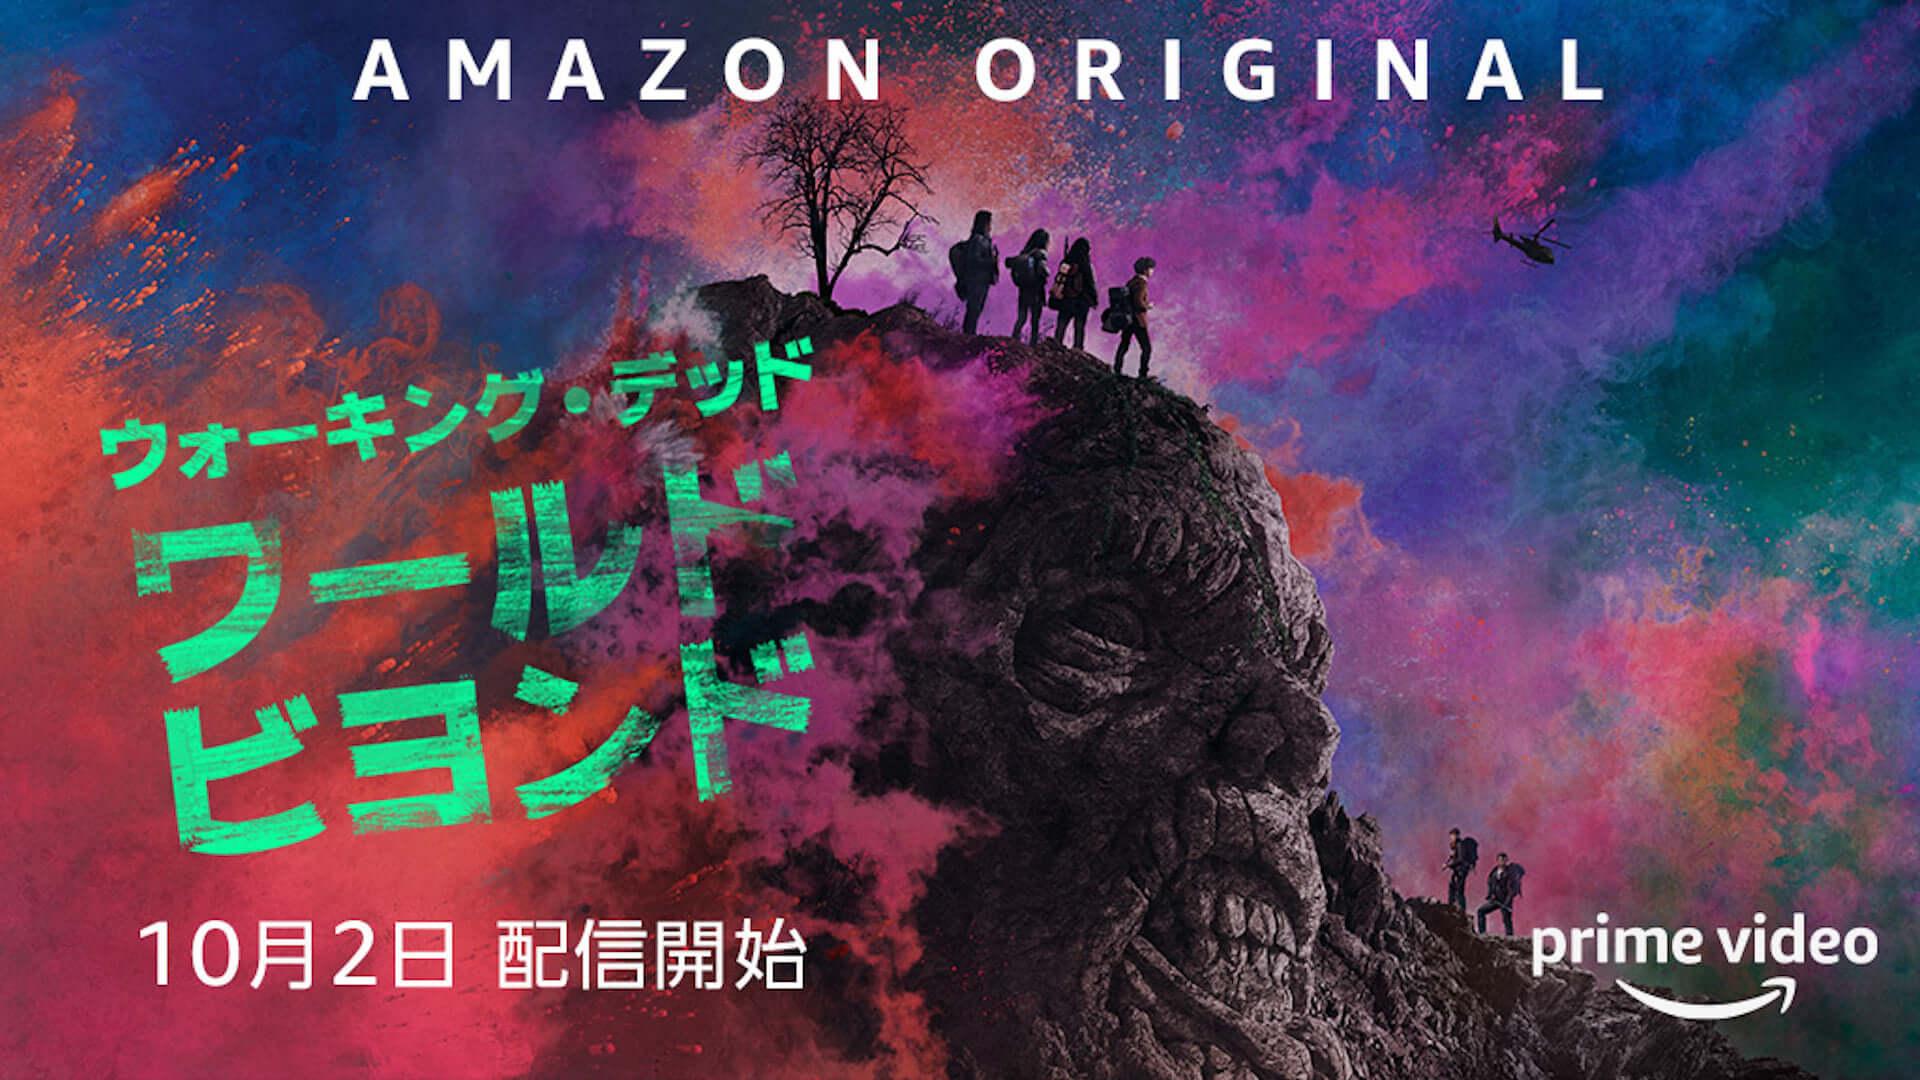 Amazon Prime Video10月新着コンテンツに『名探偵ピカチュウ』や『ウォーキング・デッド:ワールド・ビヨンド』など続々登場!アニメには『池袋ウエストゲートパーク』『呪術廻戦』も film200924_amazonprimevideo_6-1920x1080